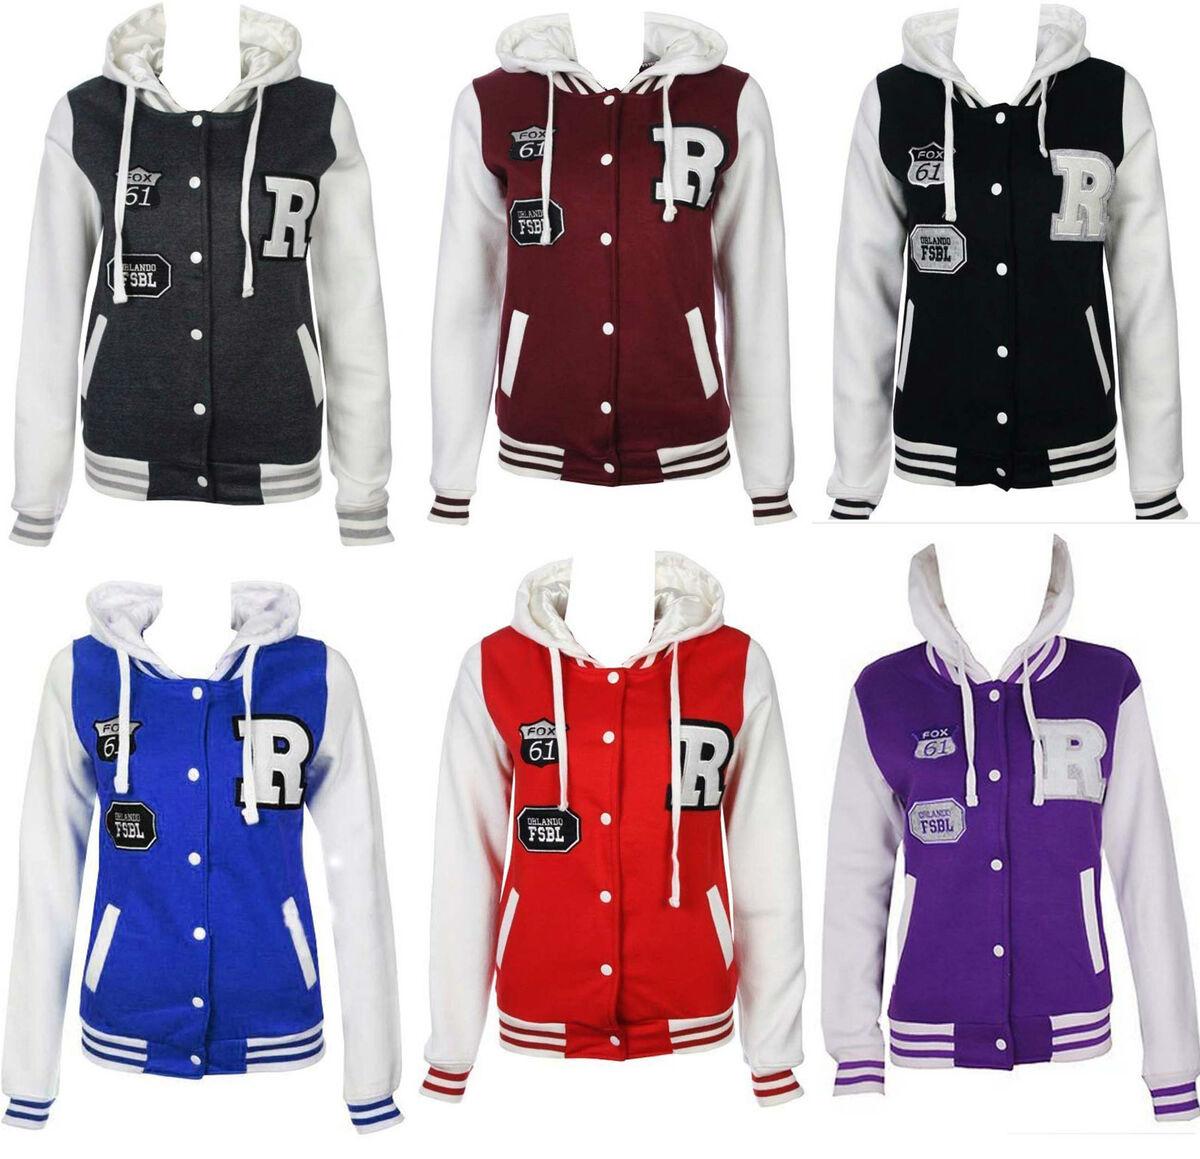 Kids Girls Boys Baseball Hooded Track Suit Hoodie Jacket Age 7 8 9 10 11 12 Year